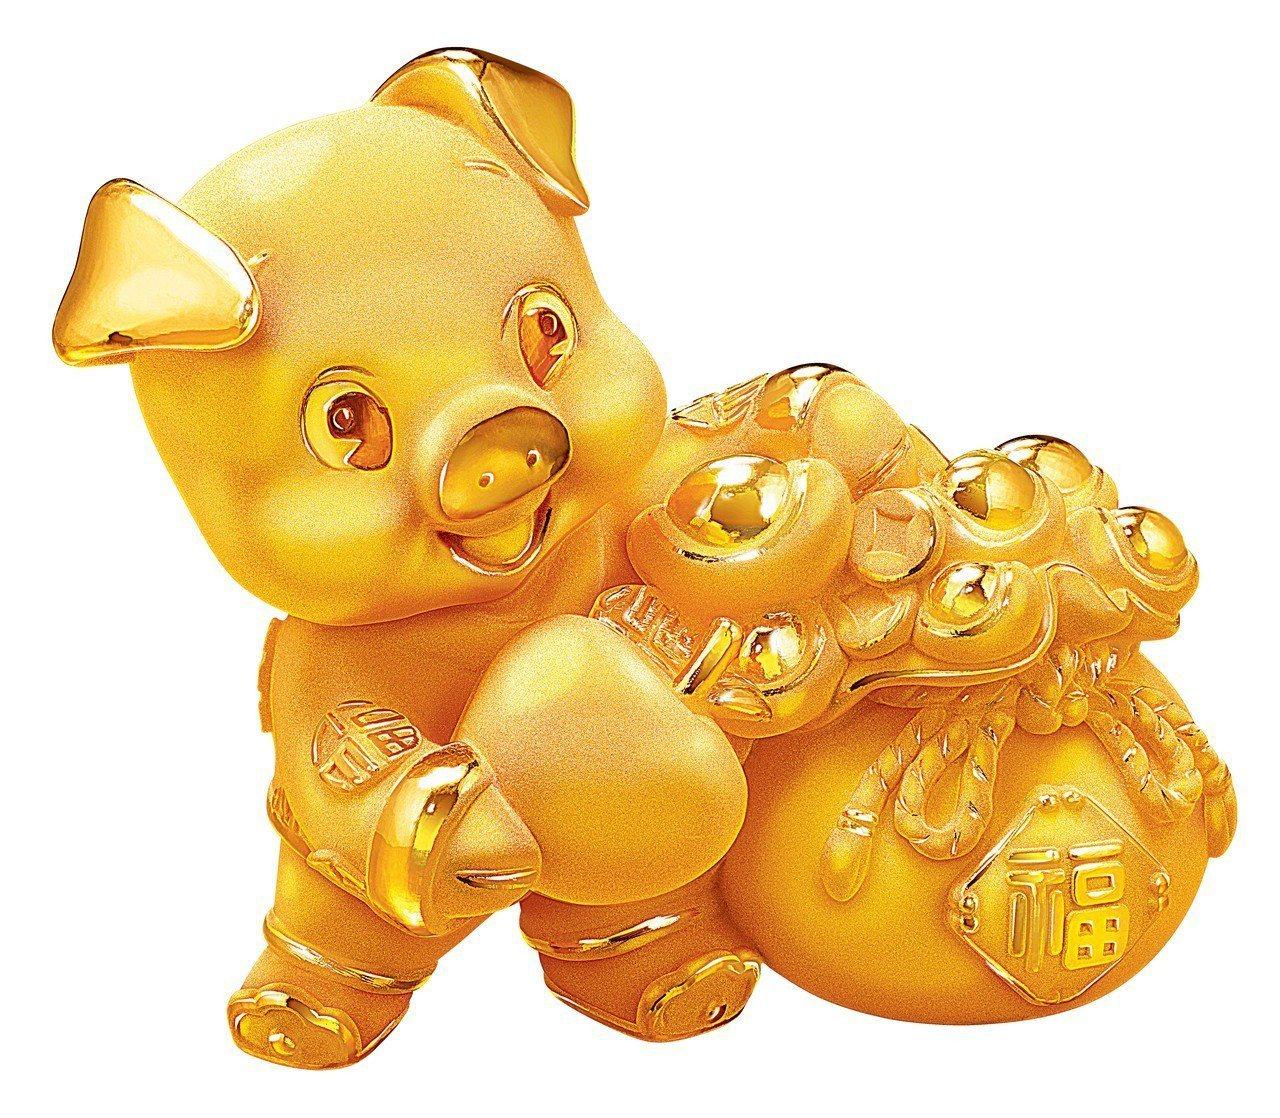 周大福「平安富貴」黃金擺件約0.3兩起,價格店洽。圖/周大福提供